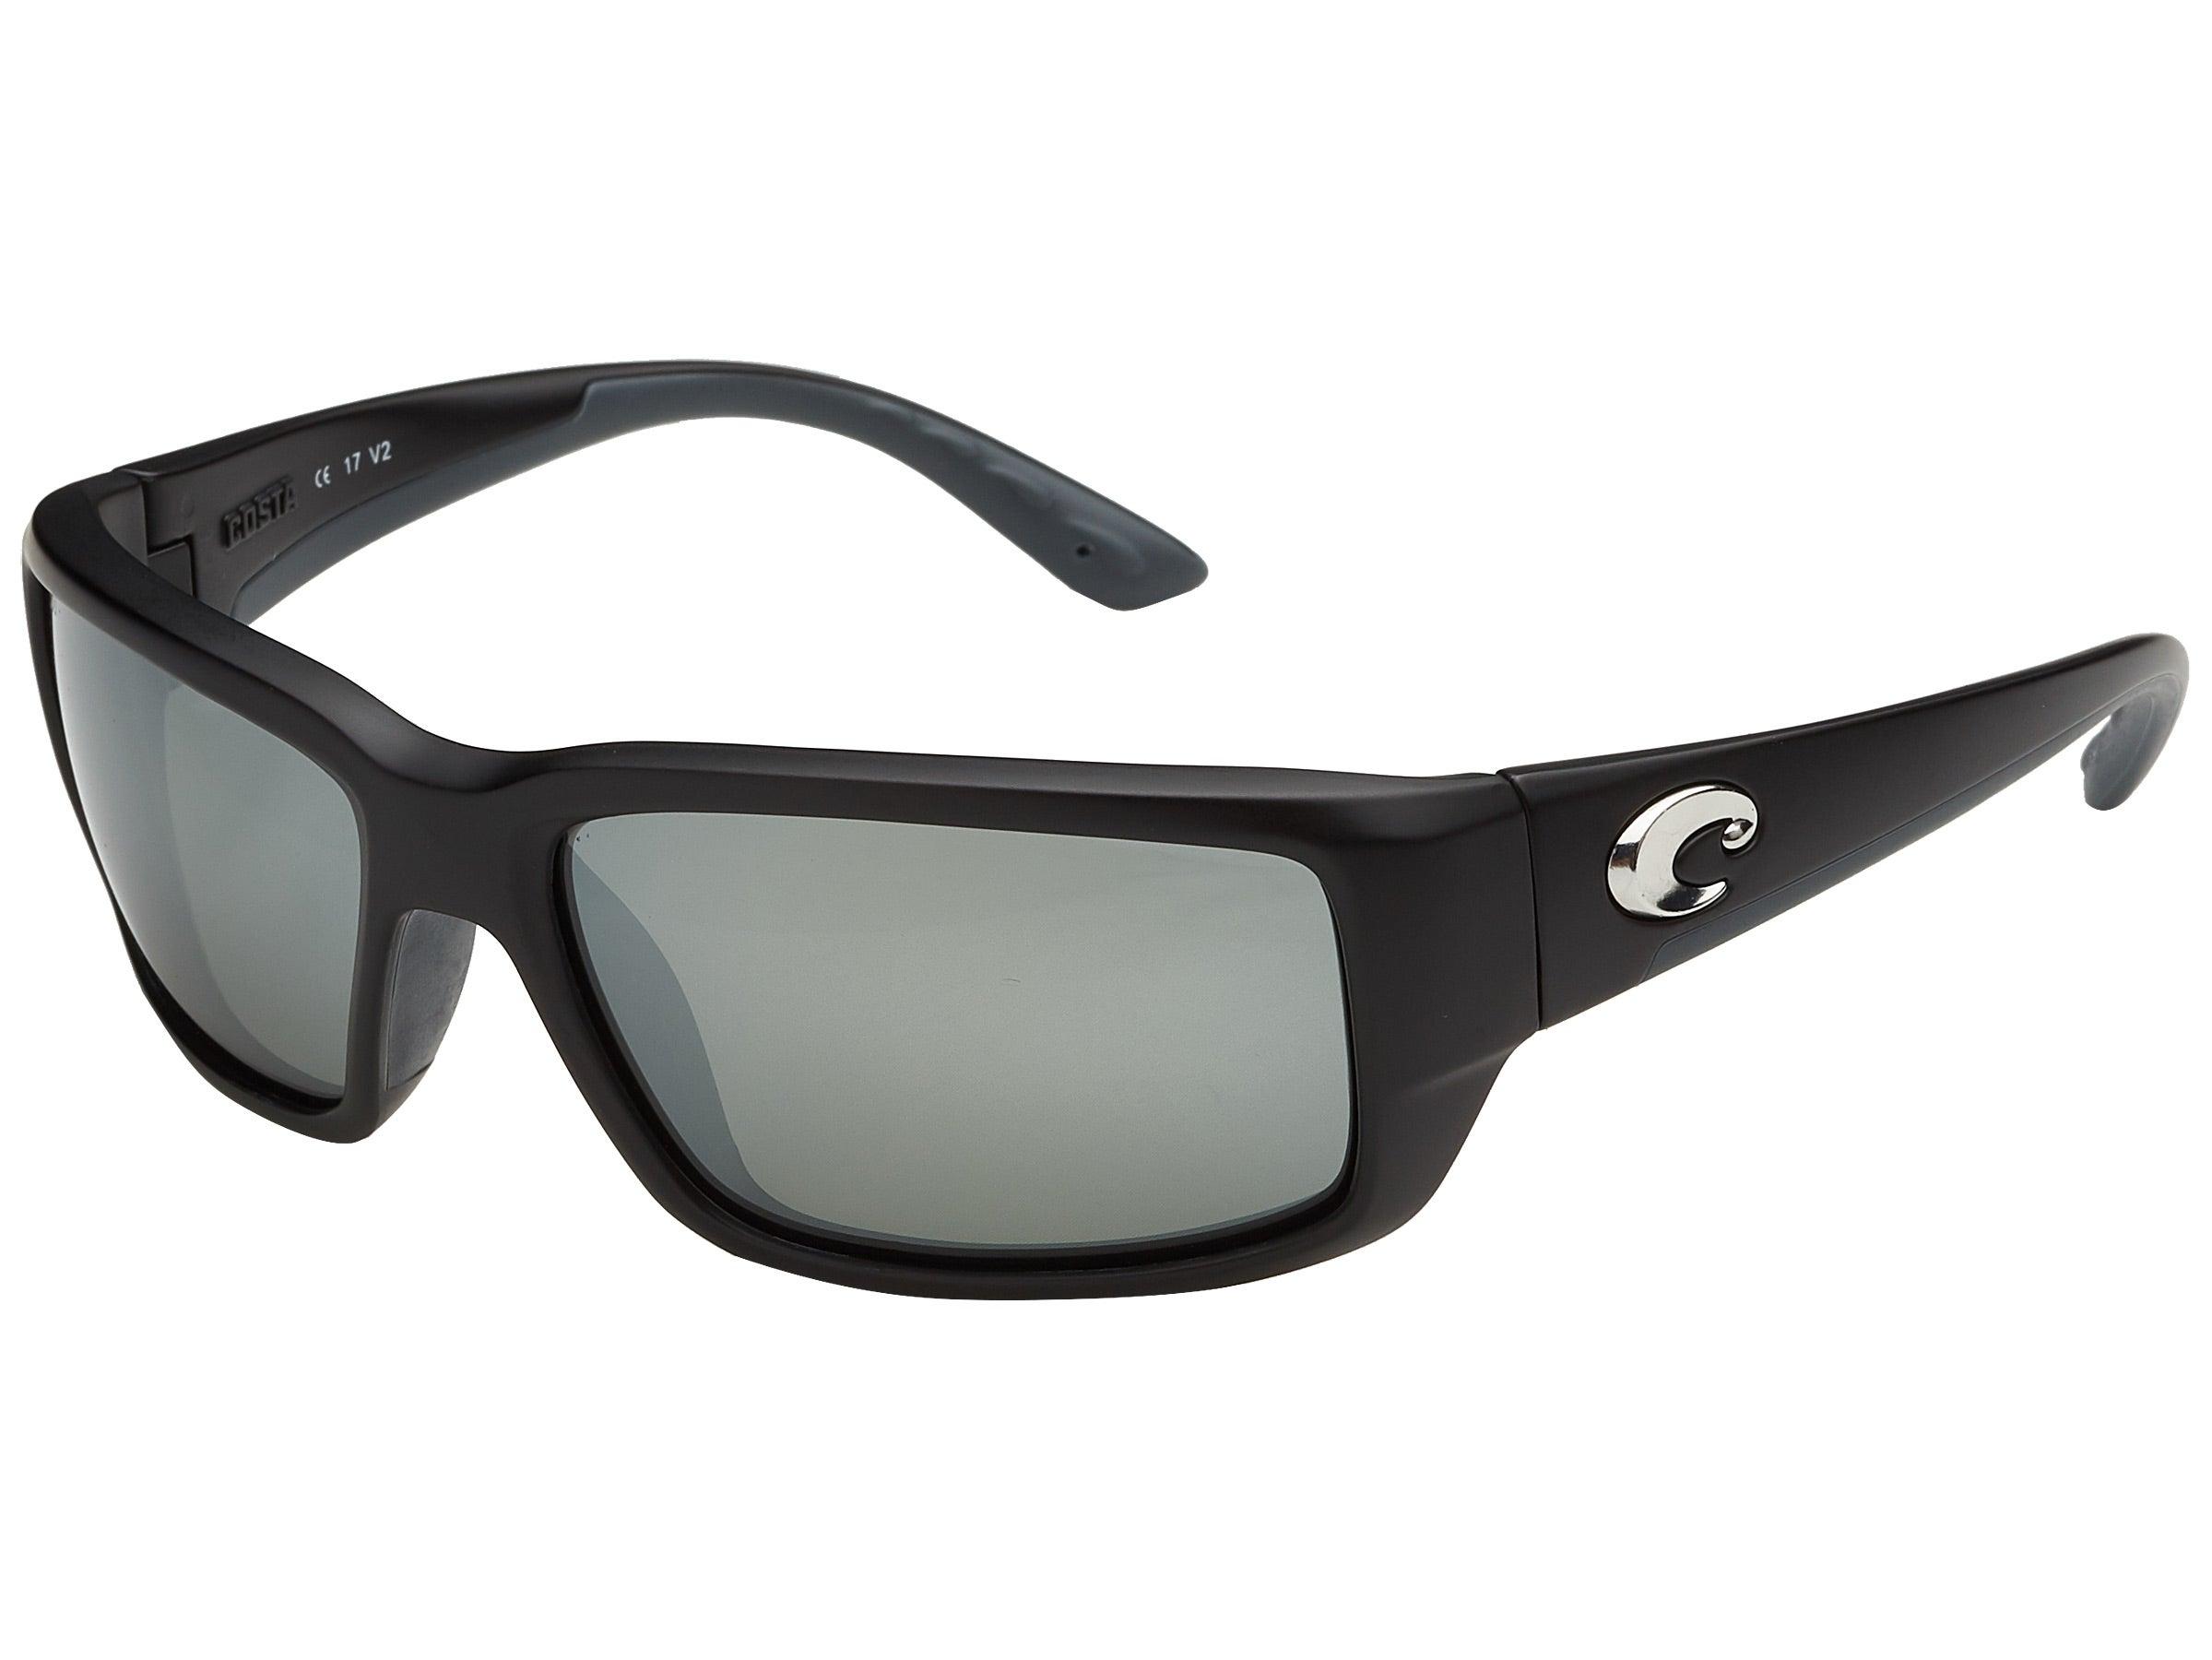 5f51ad8e75f9e Costa Del Mar Fantail Sunglasses